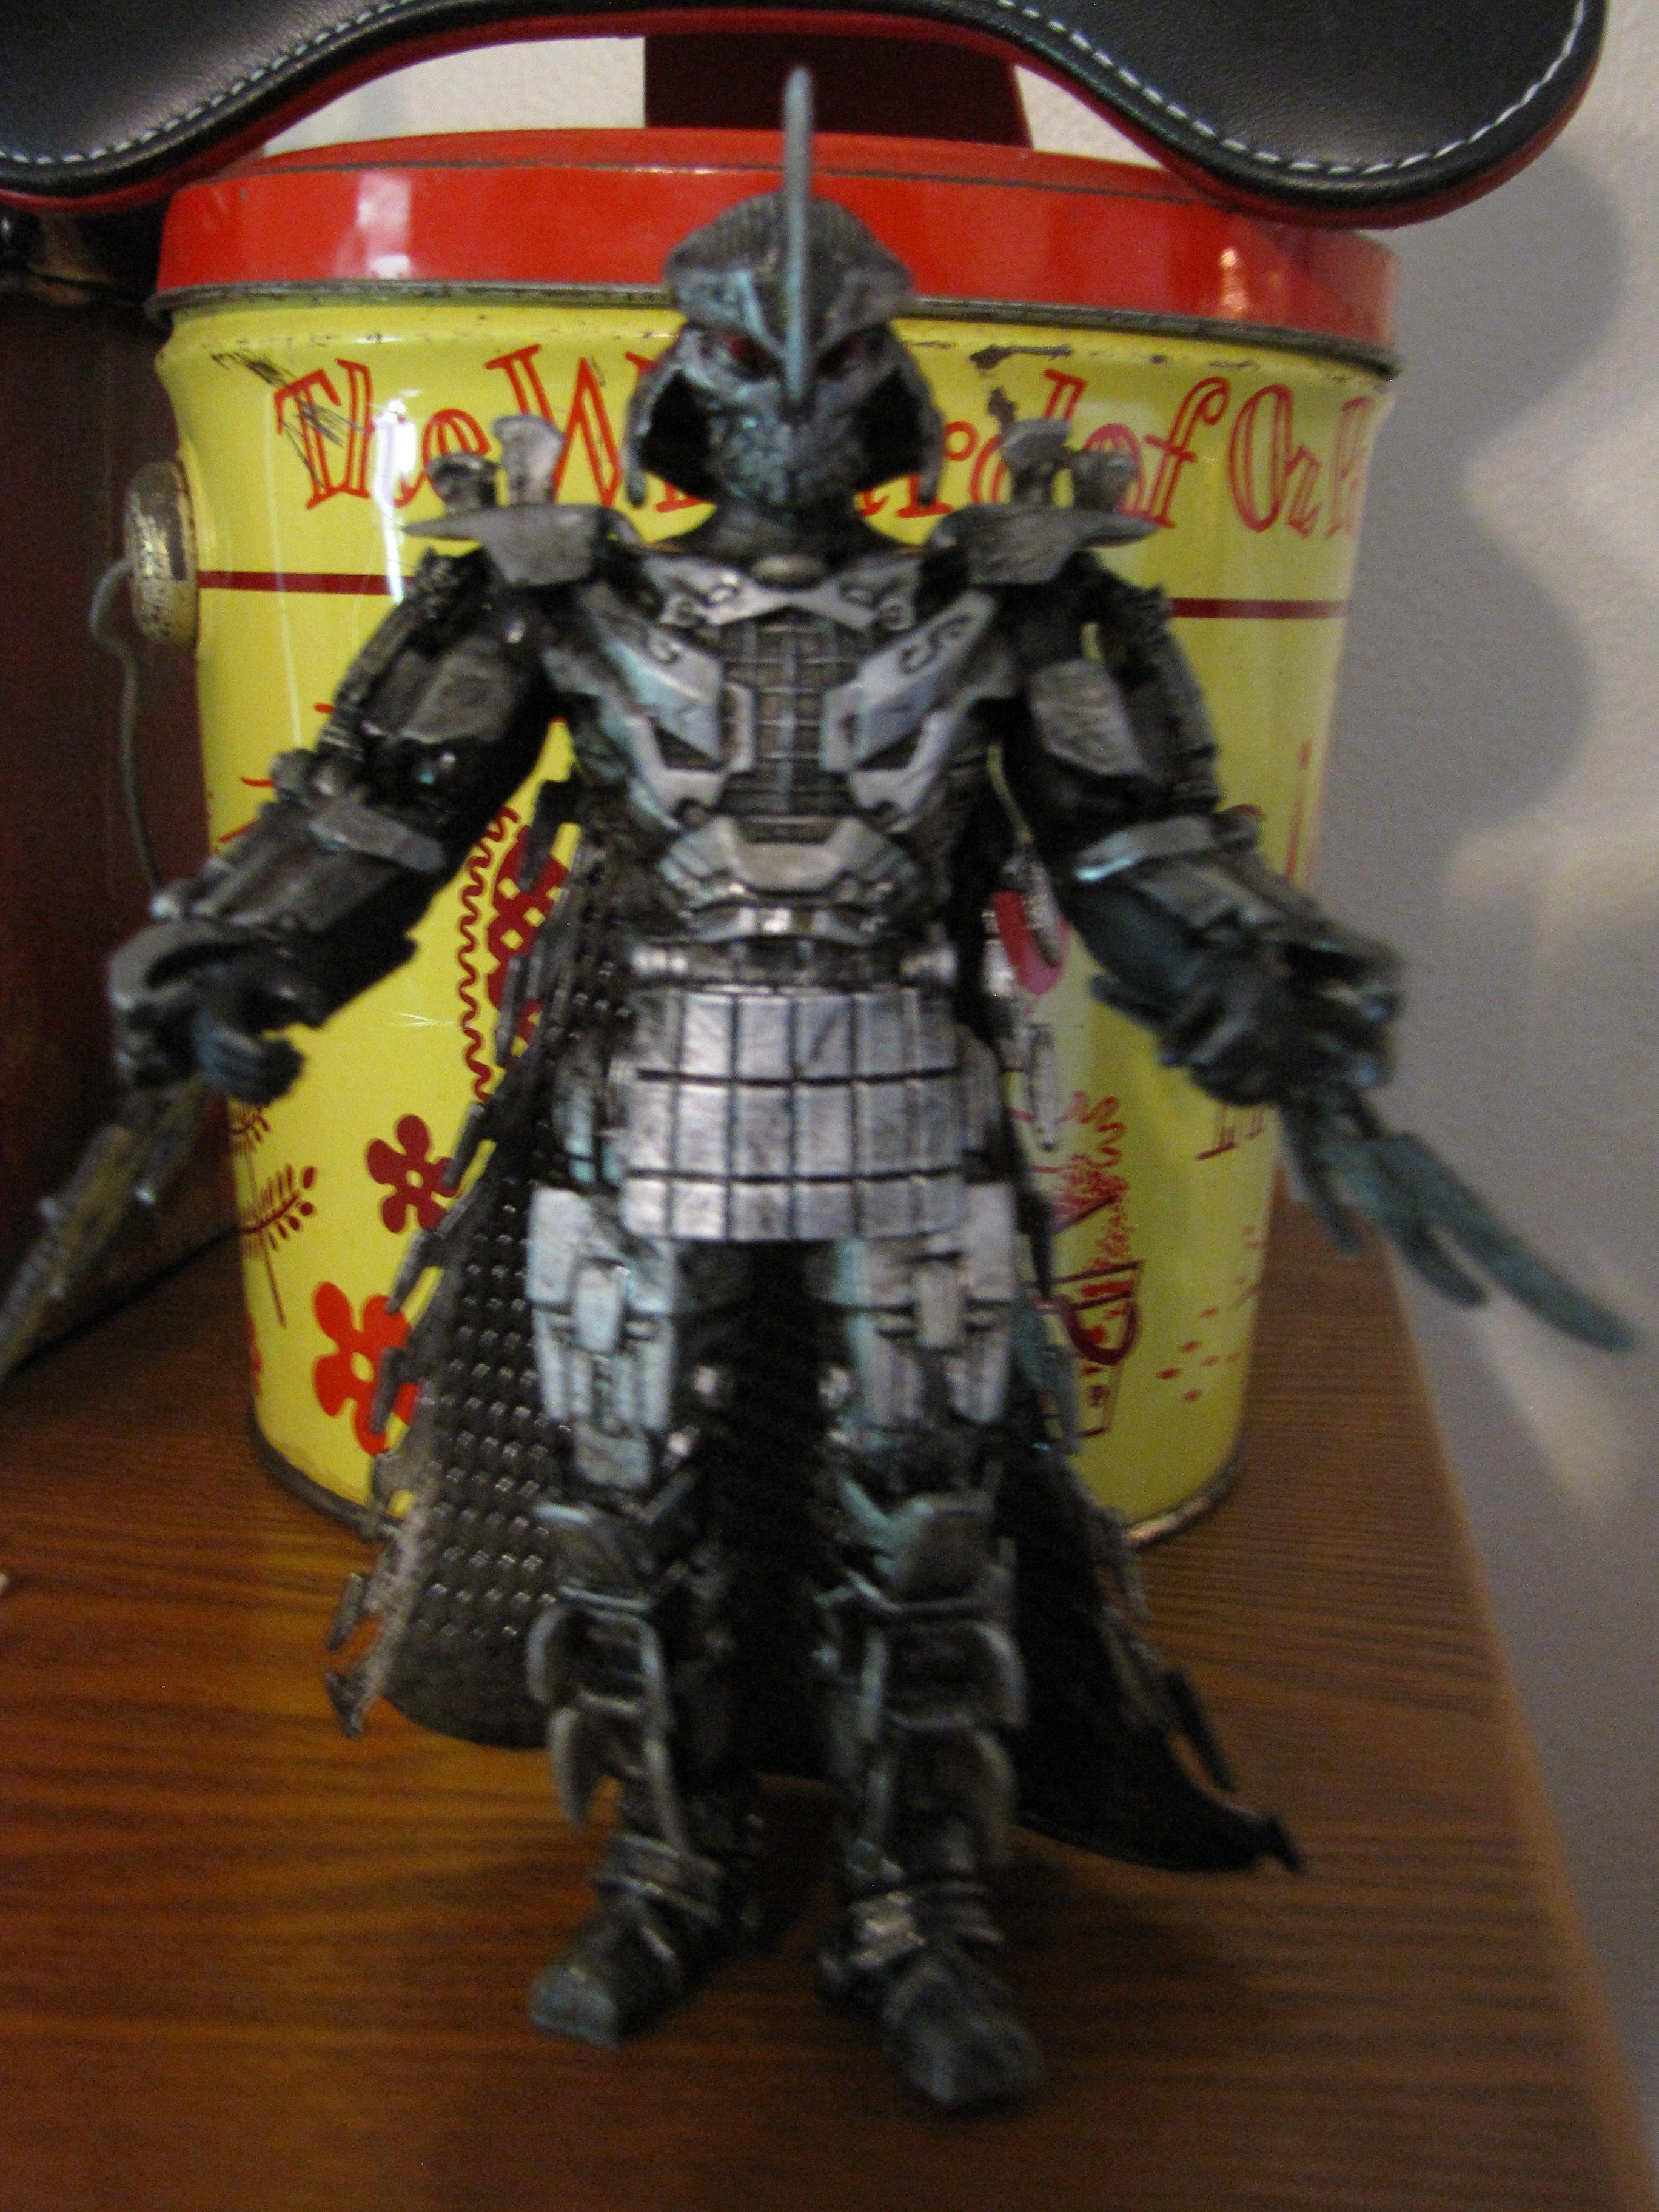 tmnt 2014 shredder toy